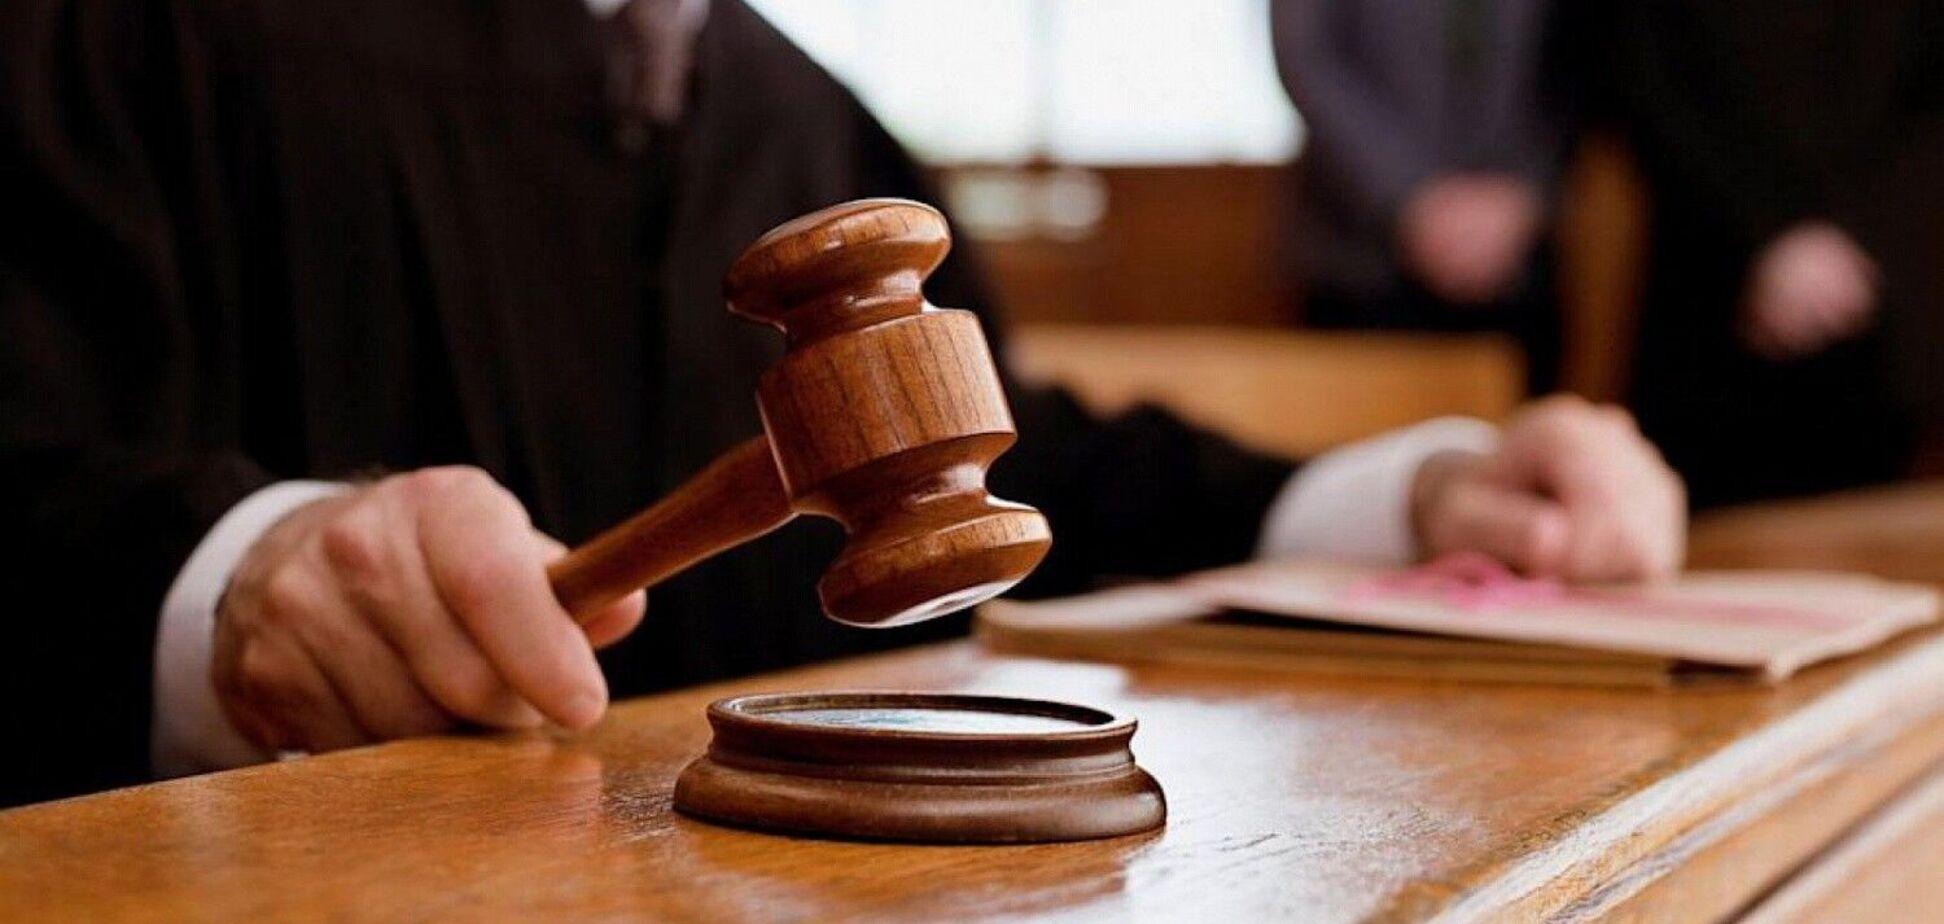 Заступник Ситника уникнув покарання за смертельну ДТП – ЗМІ